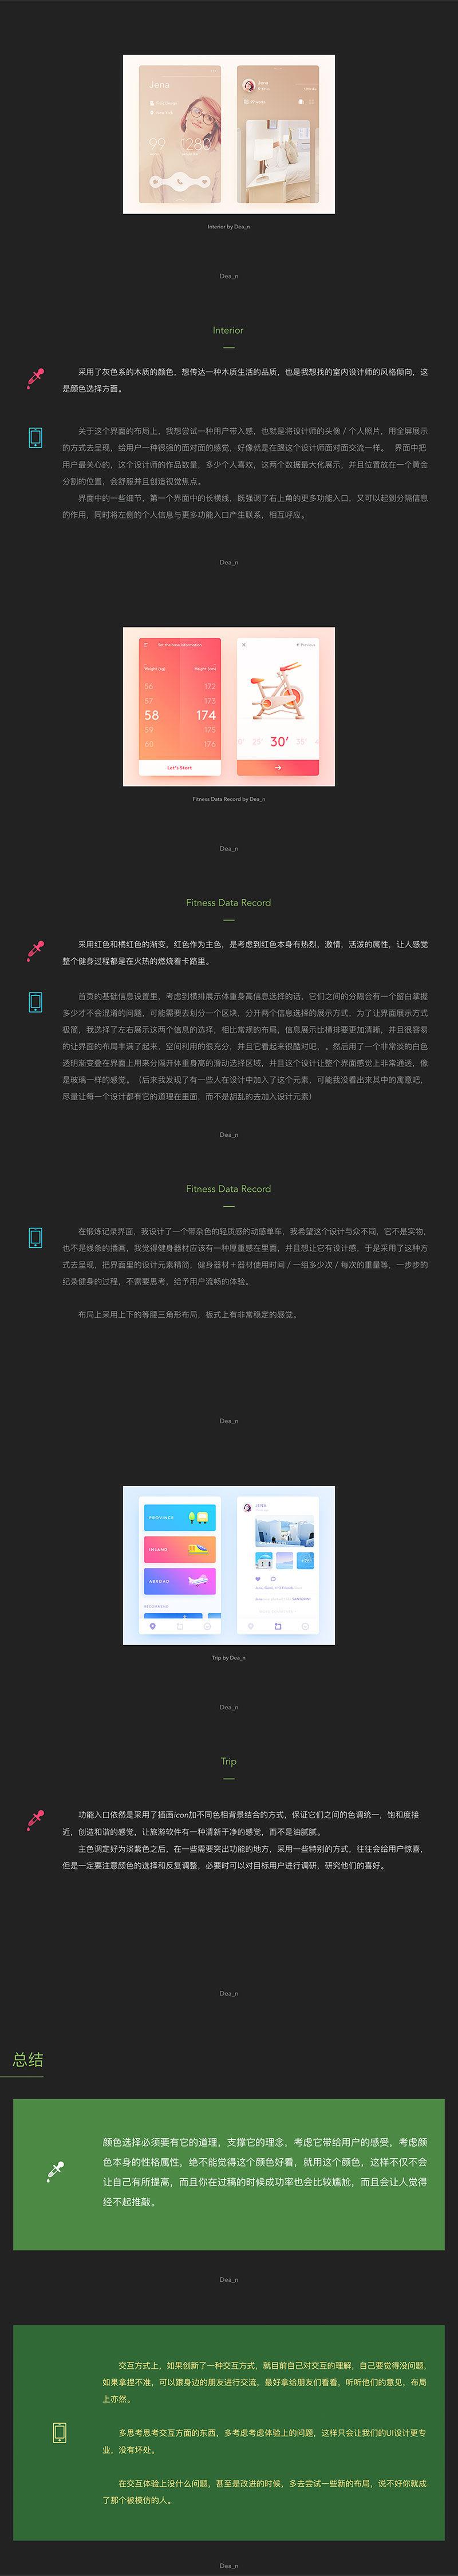 手机UI界面设计当中的颜色选择技巧4